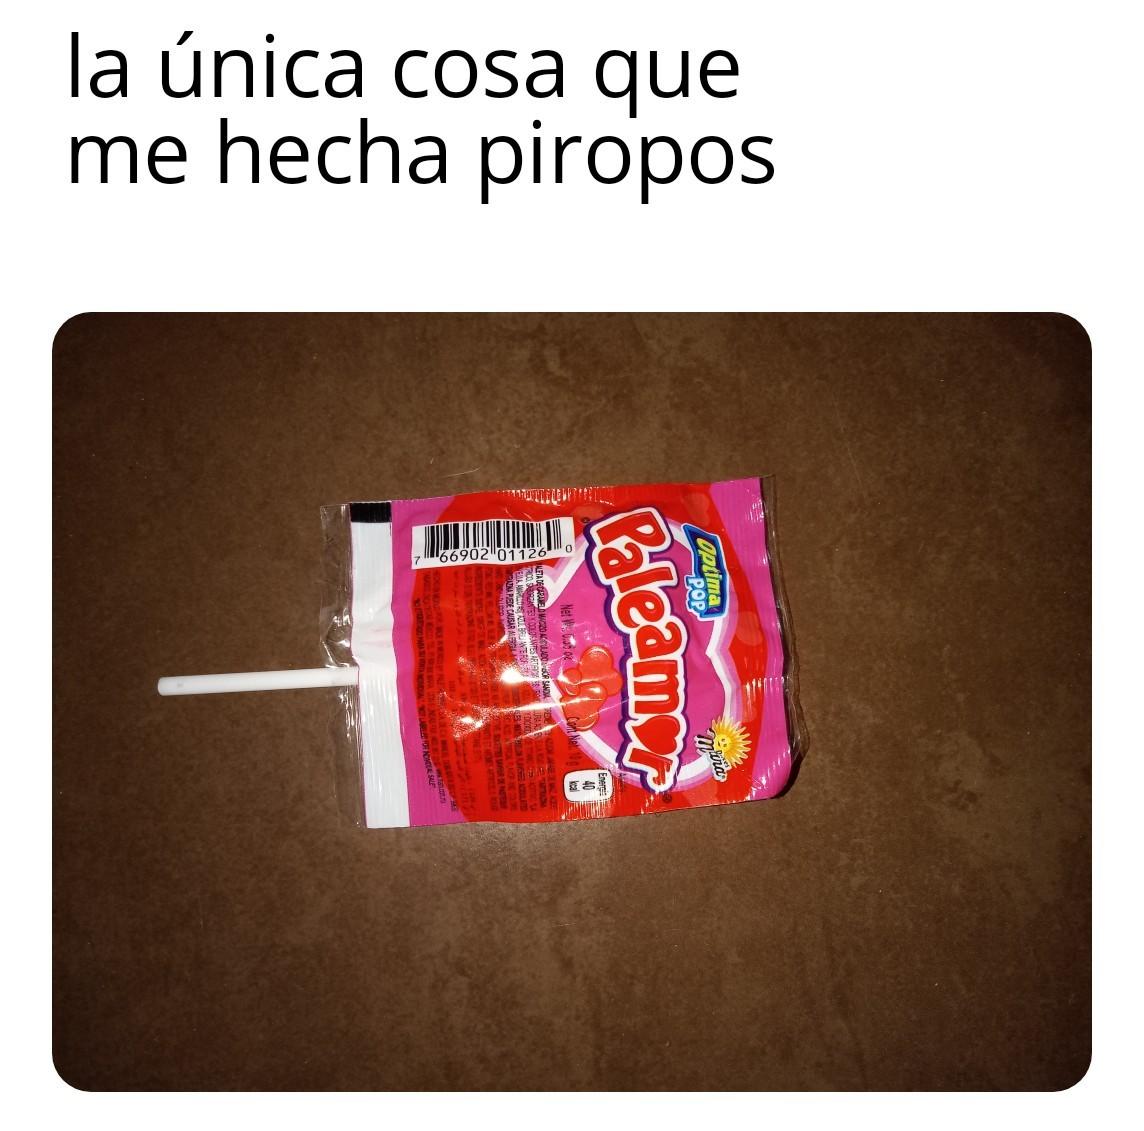 Cierto original - meme